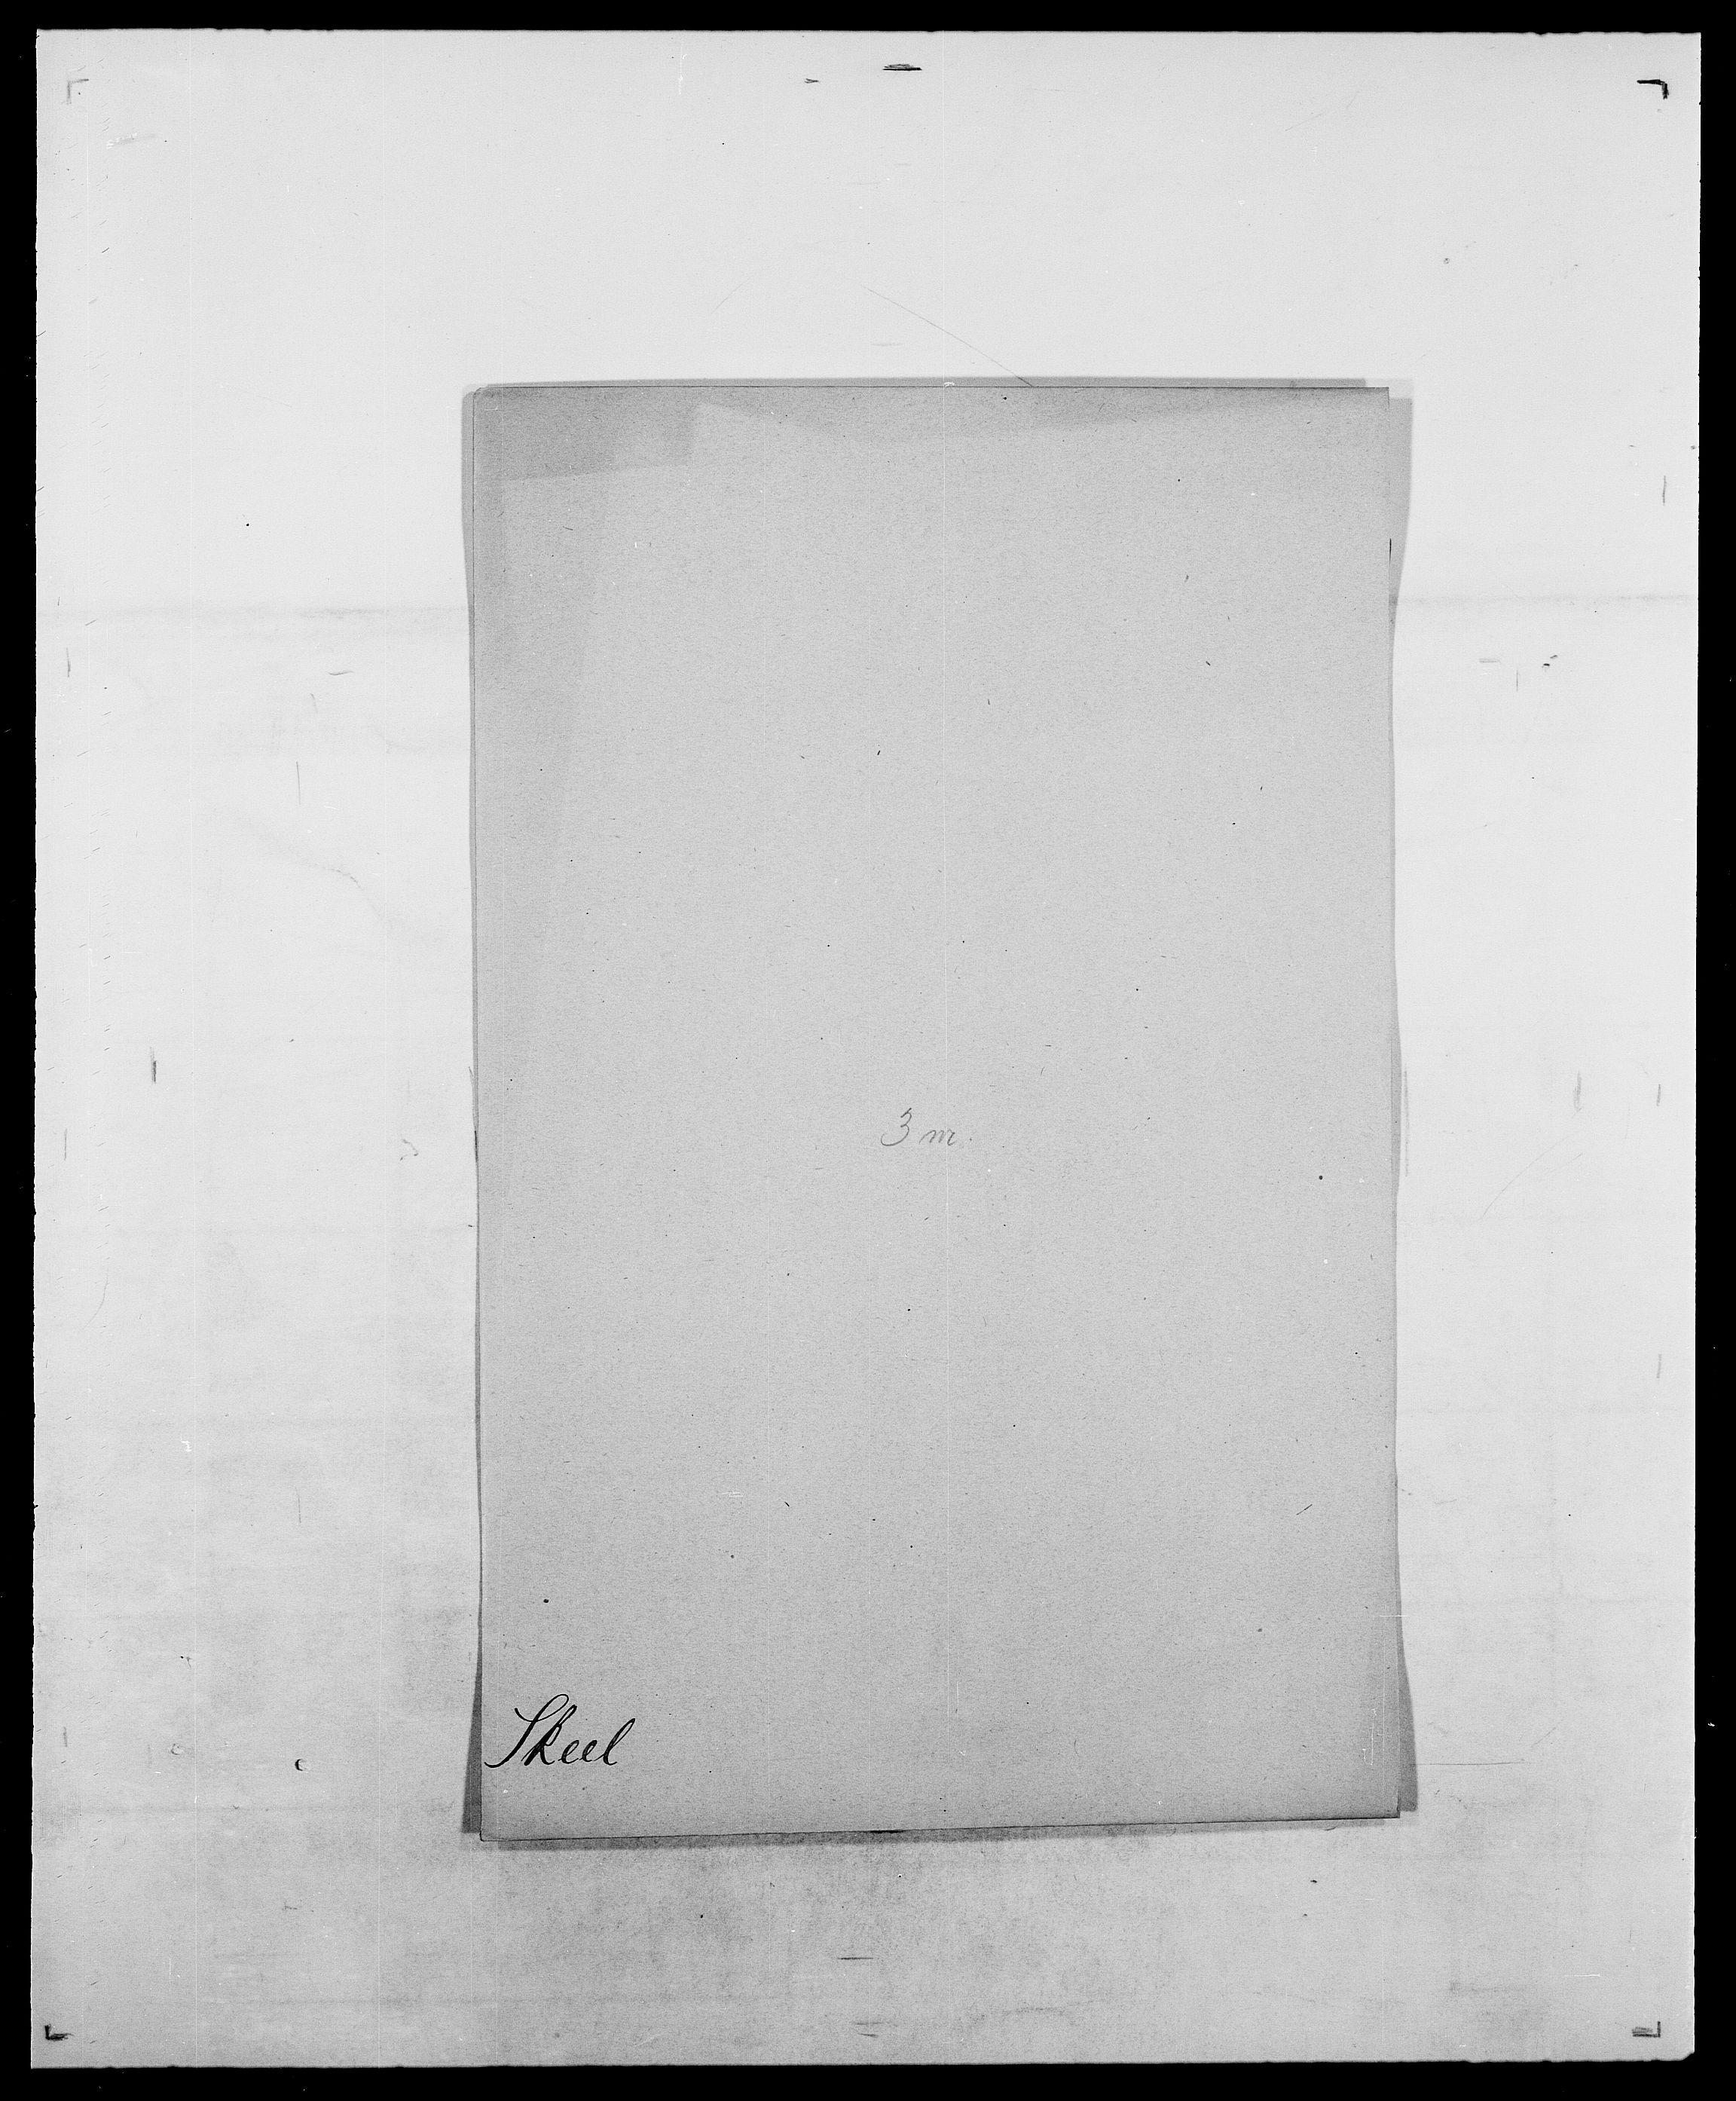 SAO, Delgobe, Charles Antoine - samling, D/Da/L0036: Skaanør - Staverskov, s. 43